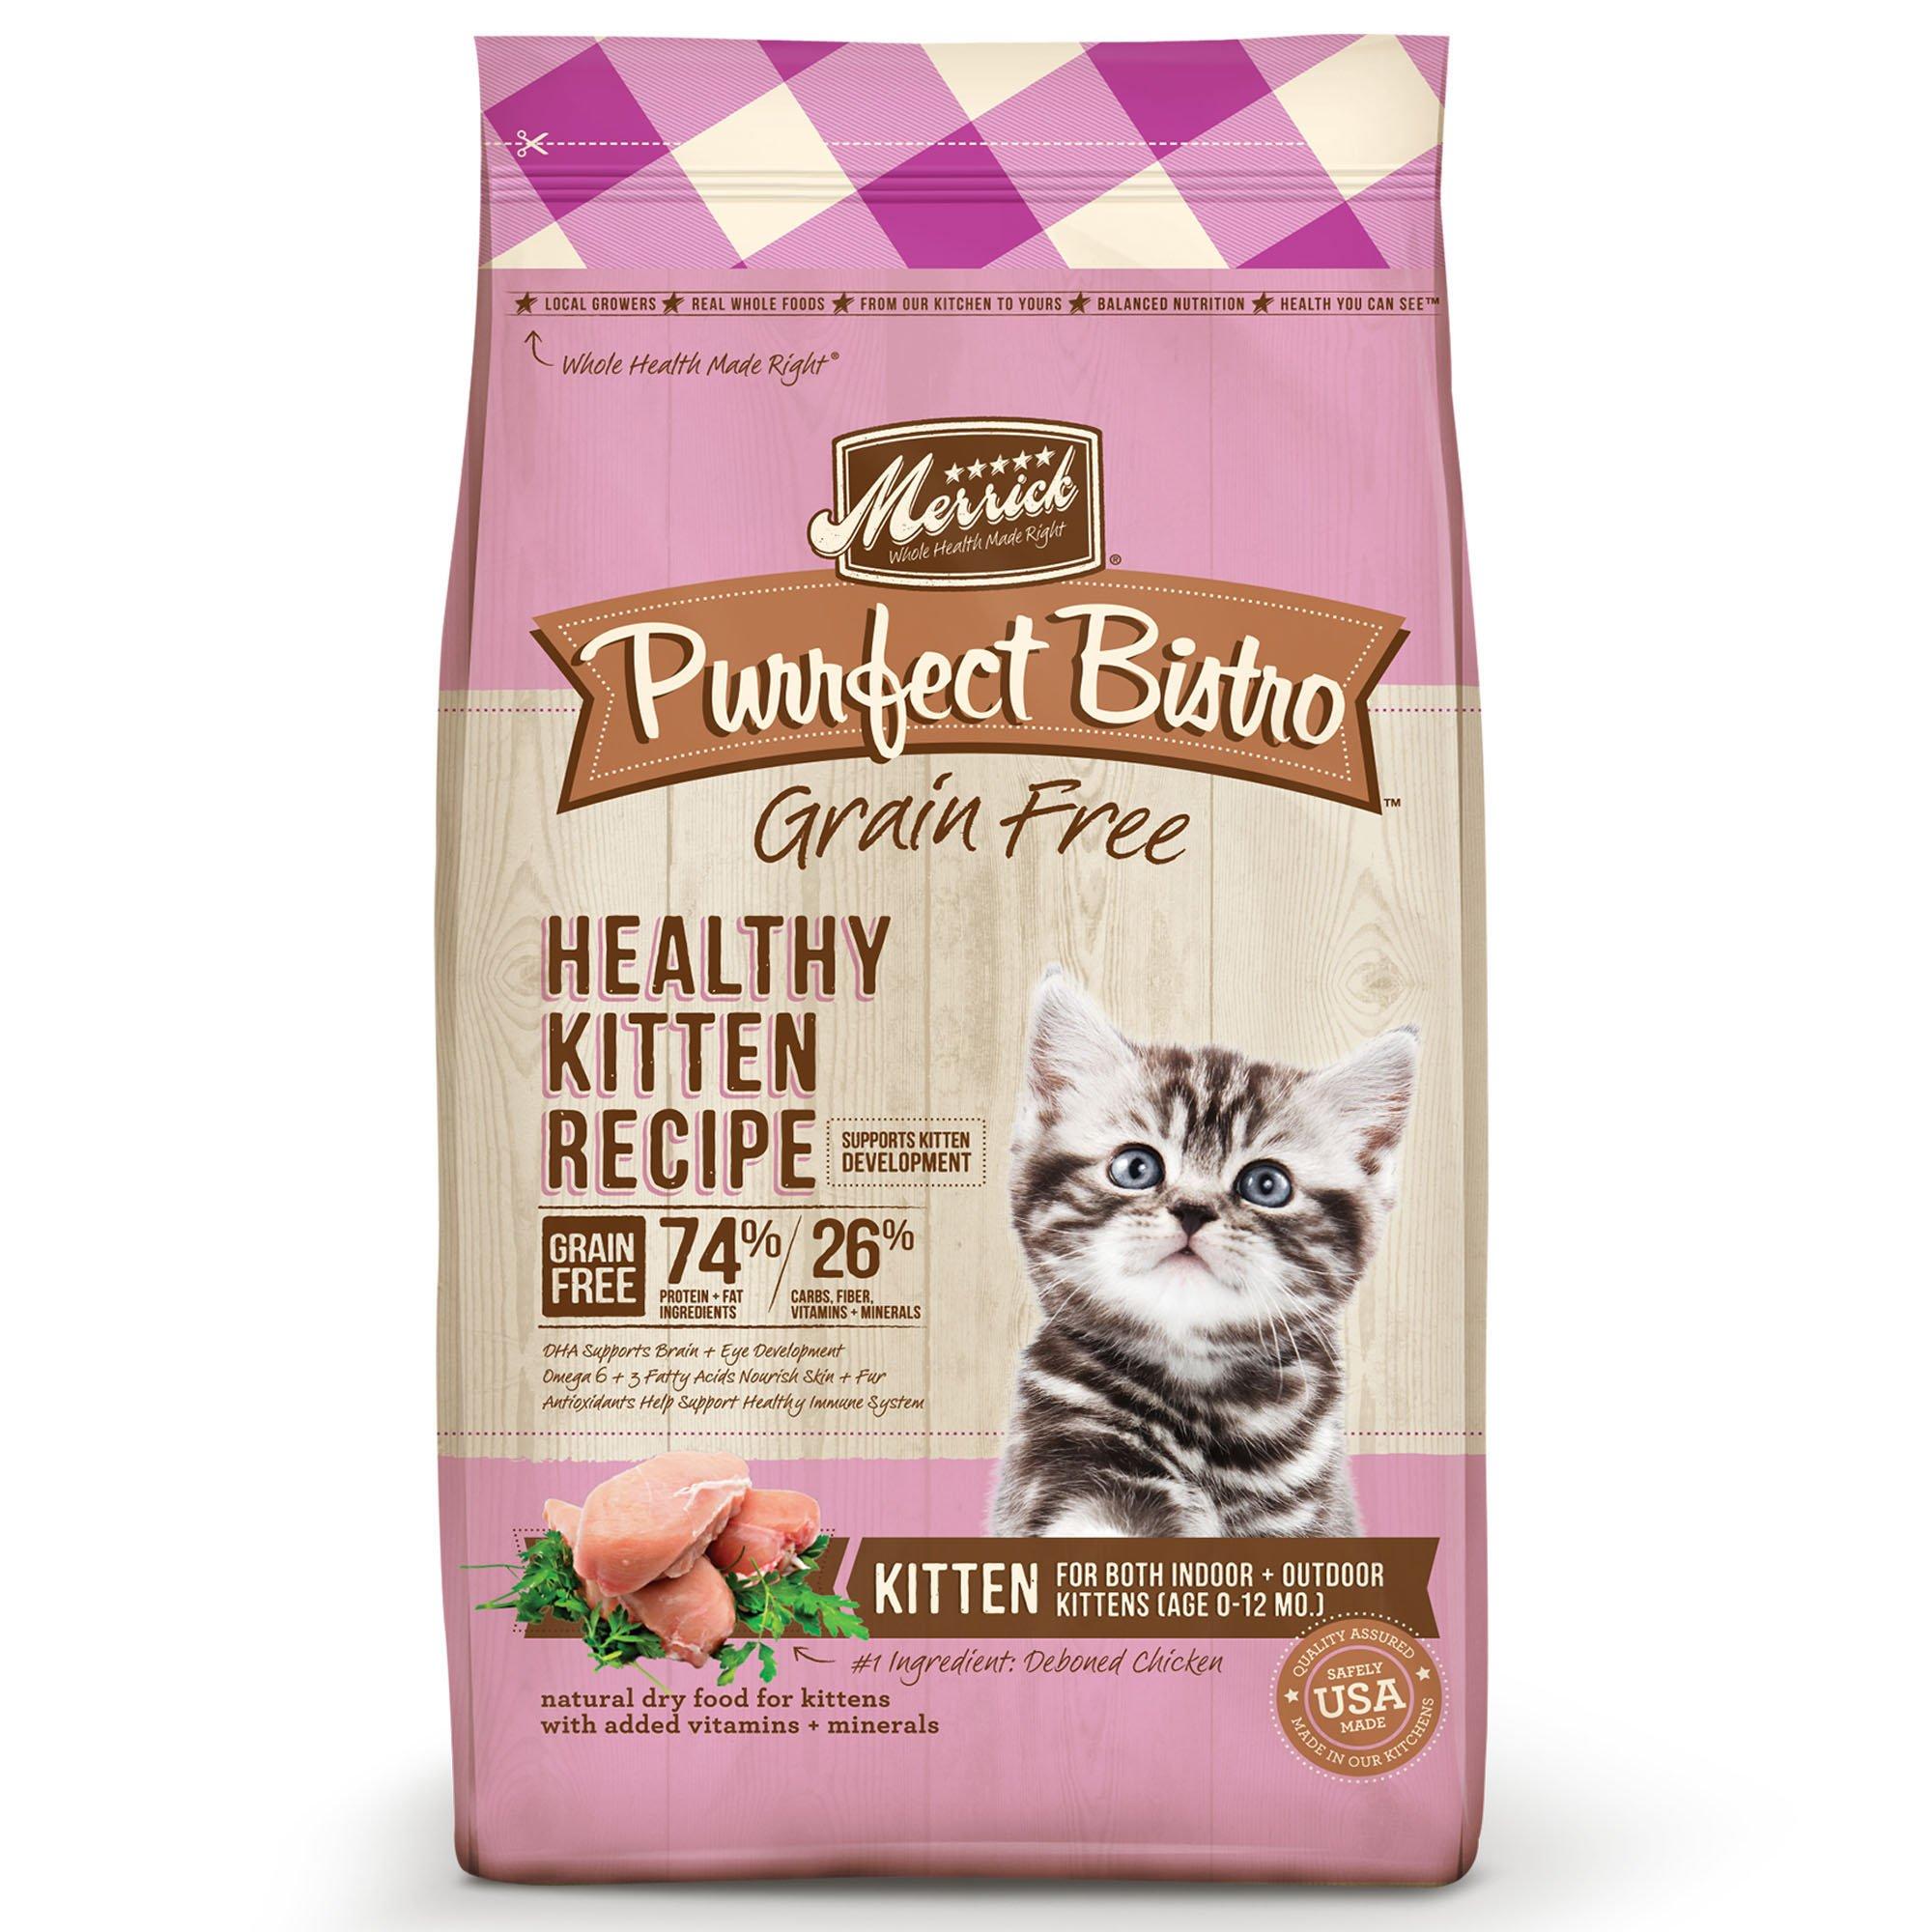 Merrick Purrfect Bistro Grain Free Healthy Kitten Dry Food Petco